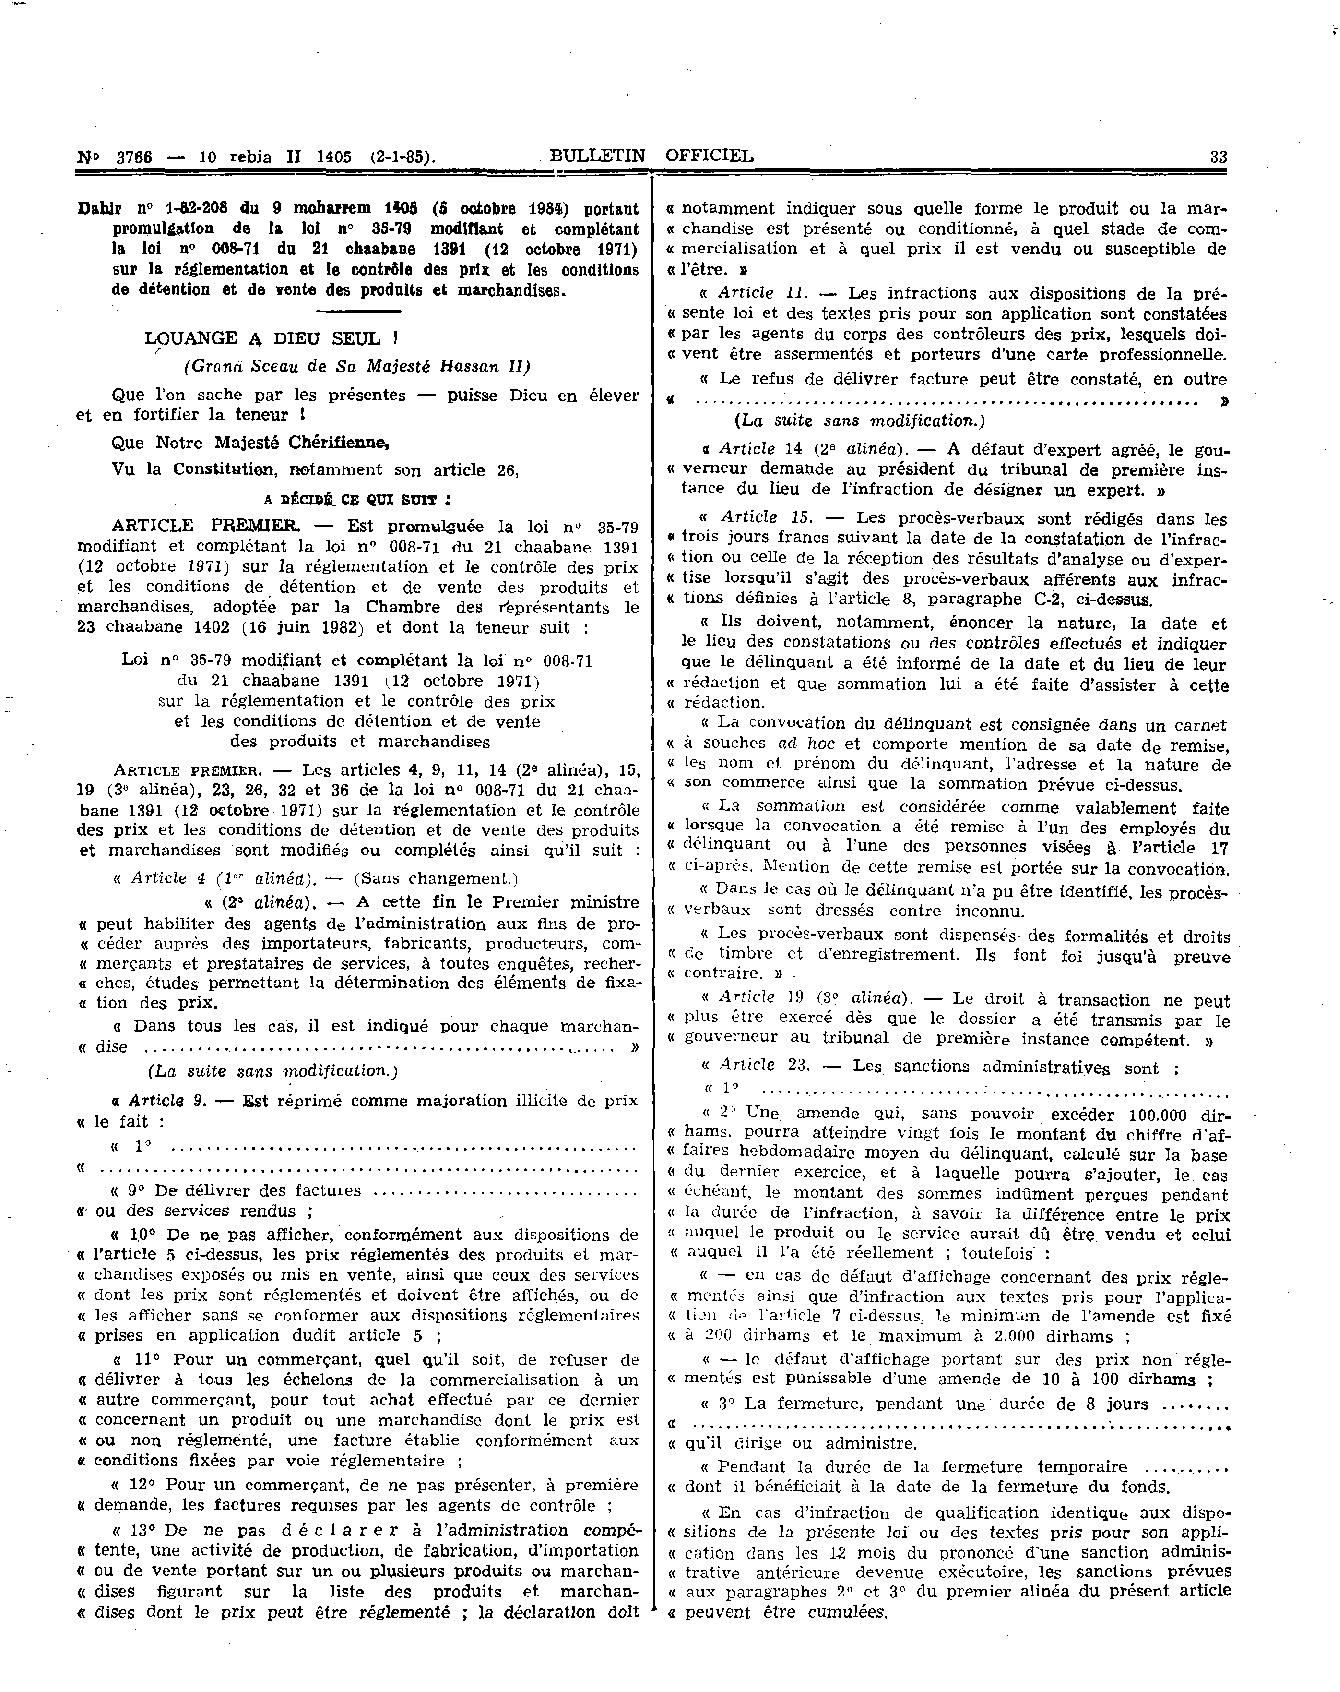 les-prix-maxima-des-acte-et-service-medicaux-dans-le-secteur-prive-033